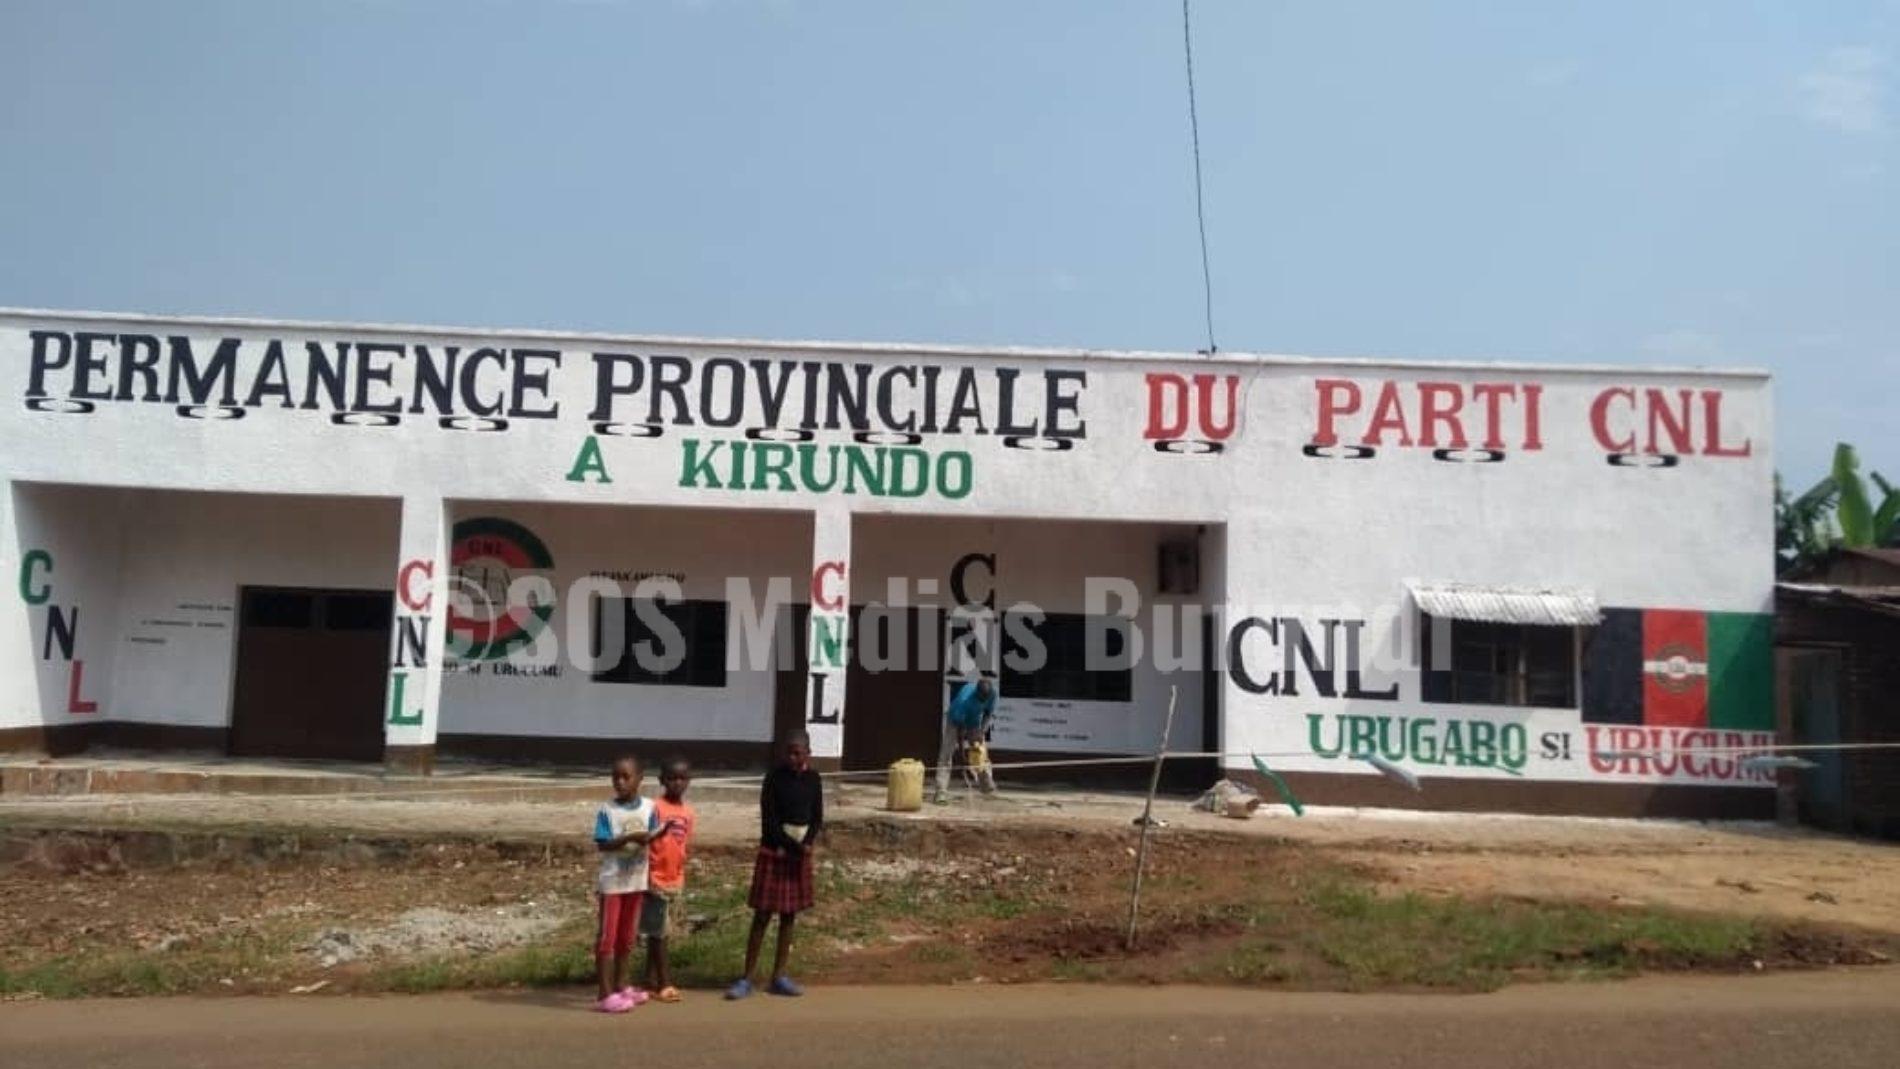 Bwambarangwe  (Kirundo) : 4 membres du CNL arrêtés par la police à l'intérieur de leur permanence